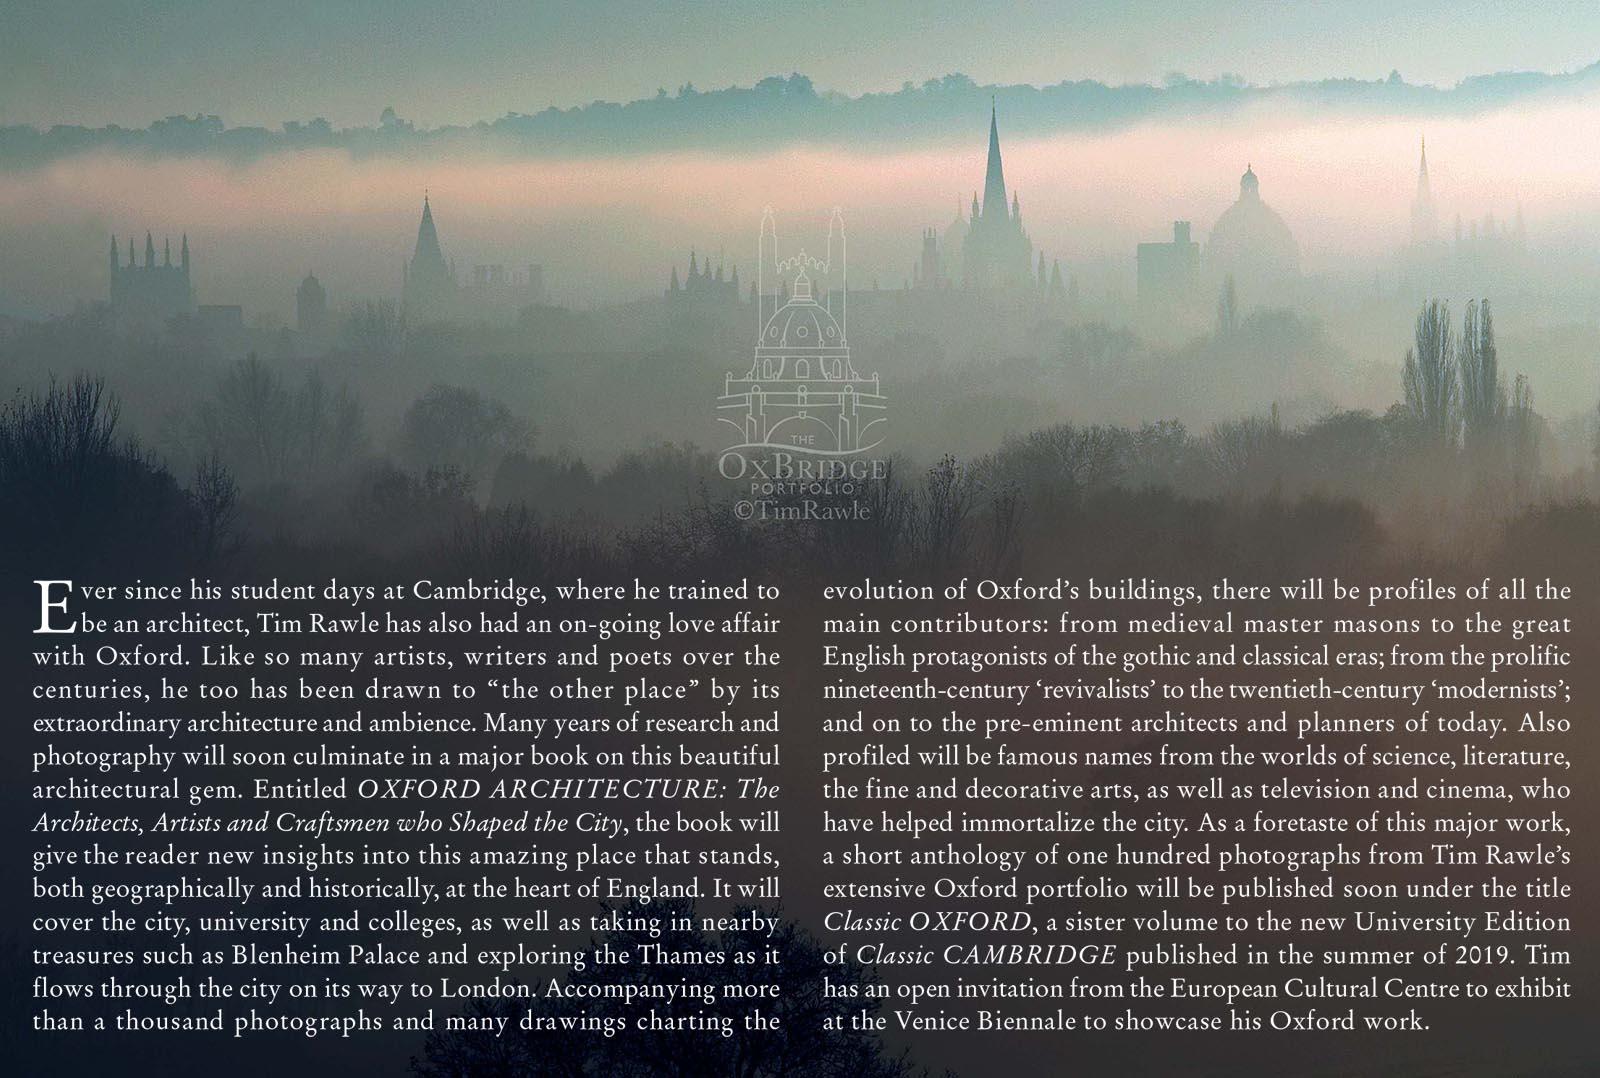 Oxbridge Portfolio Books on Oxford